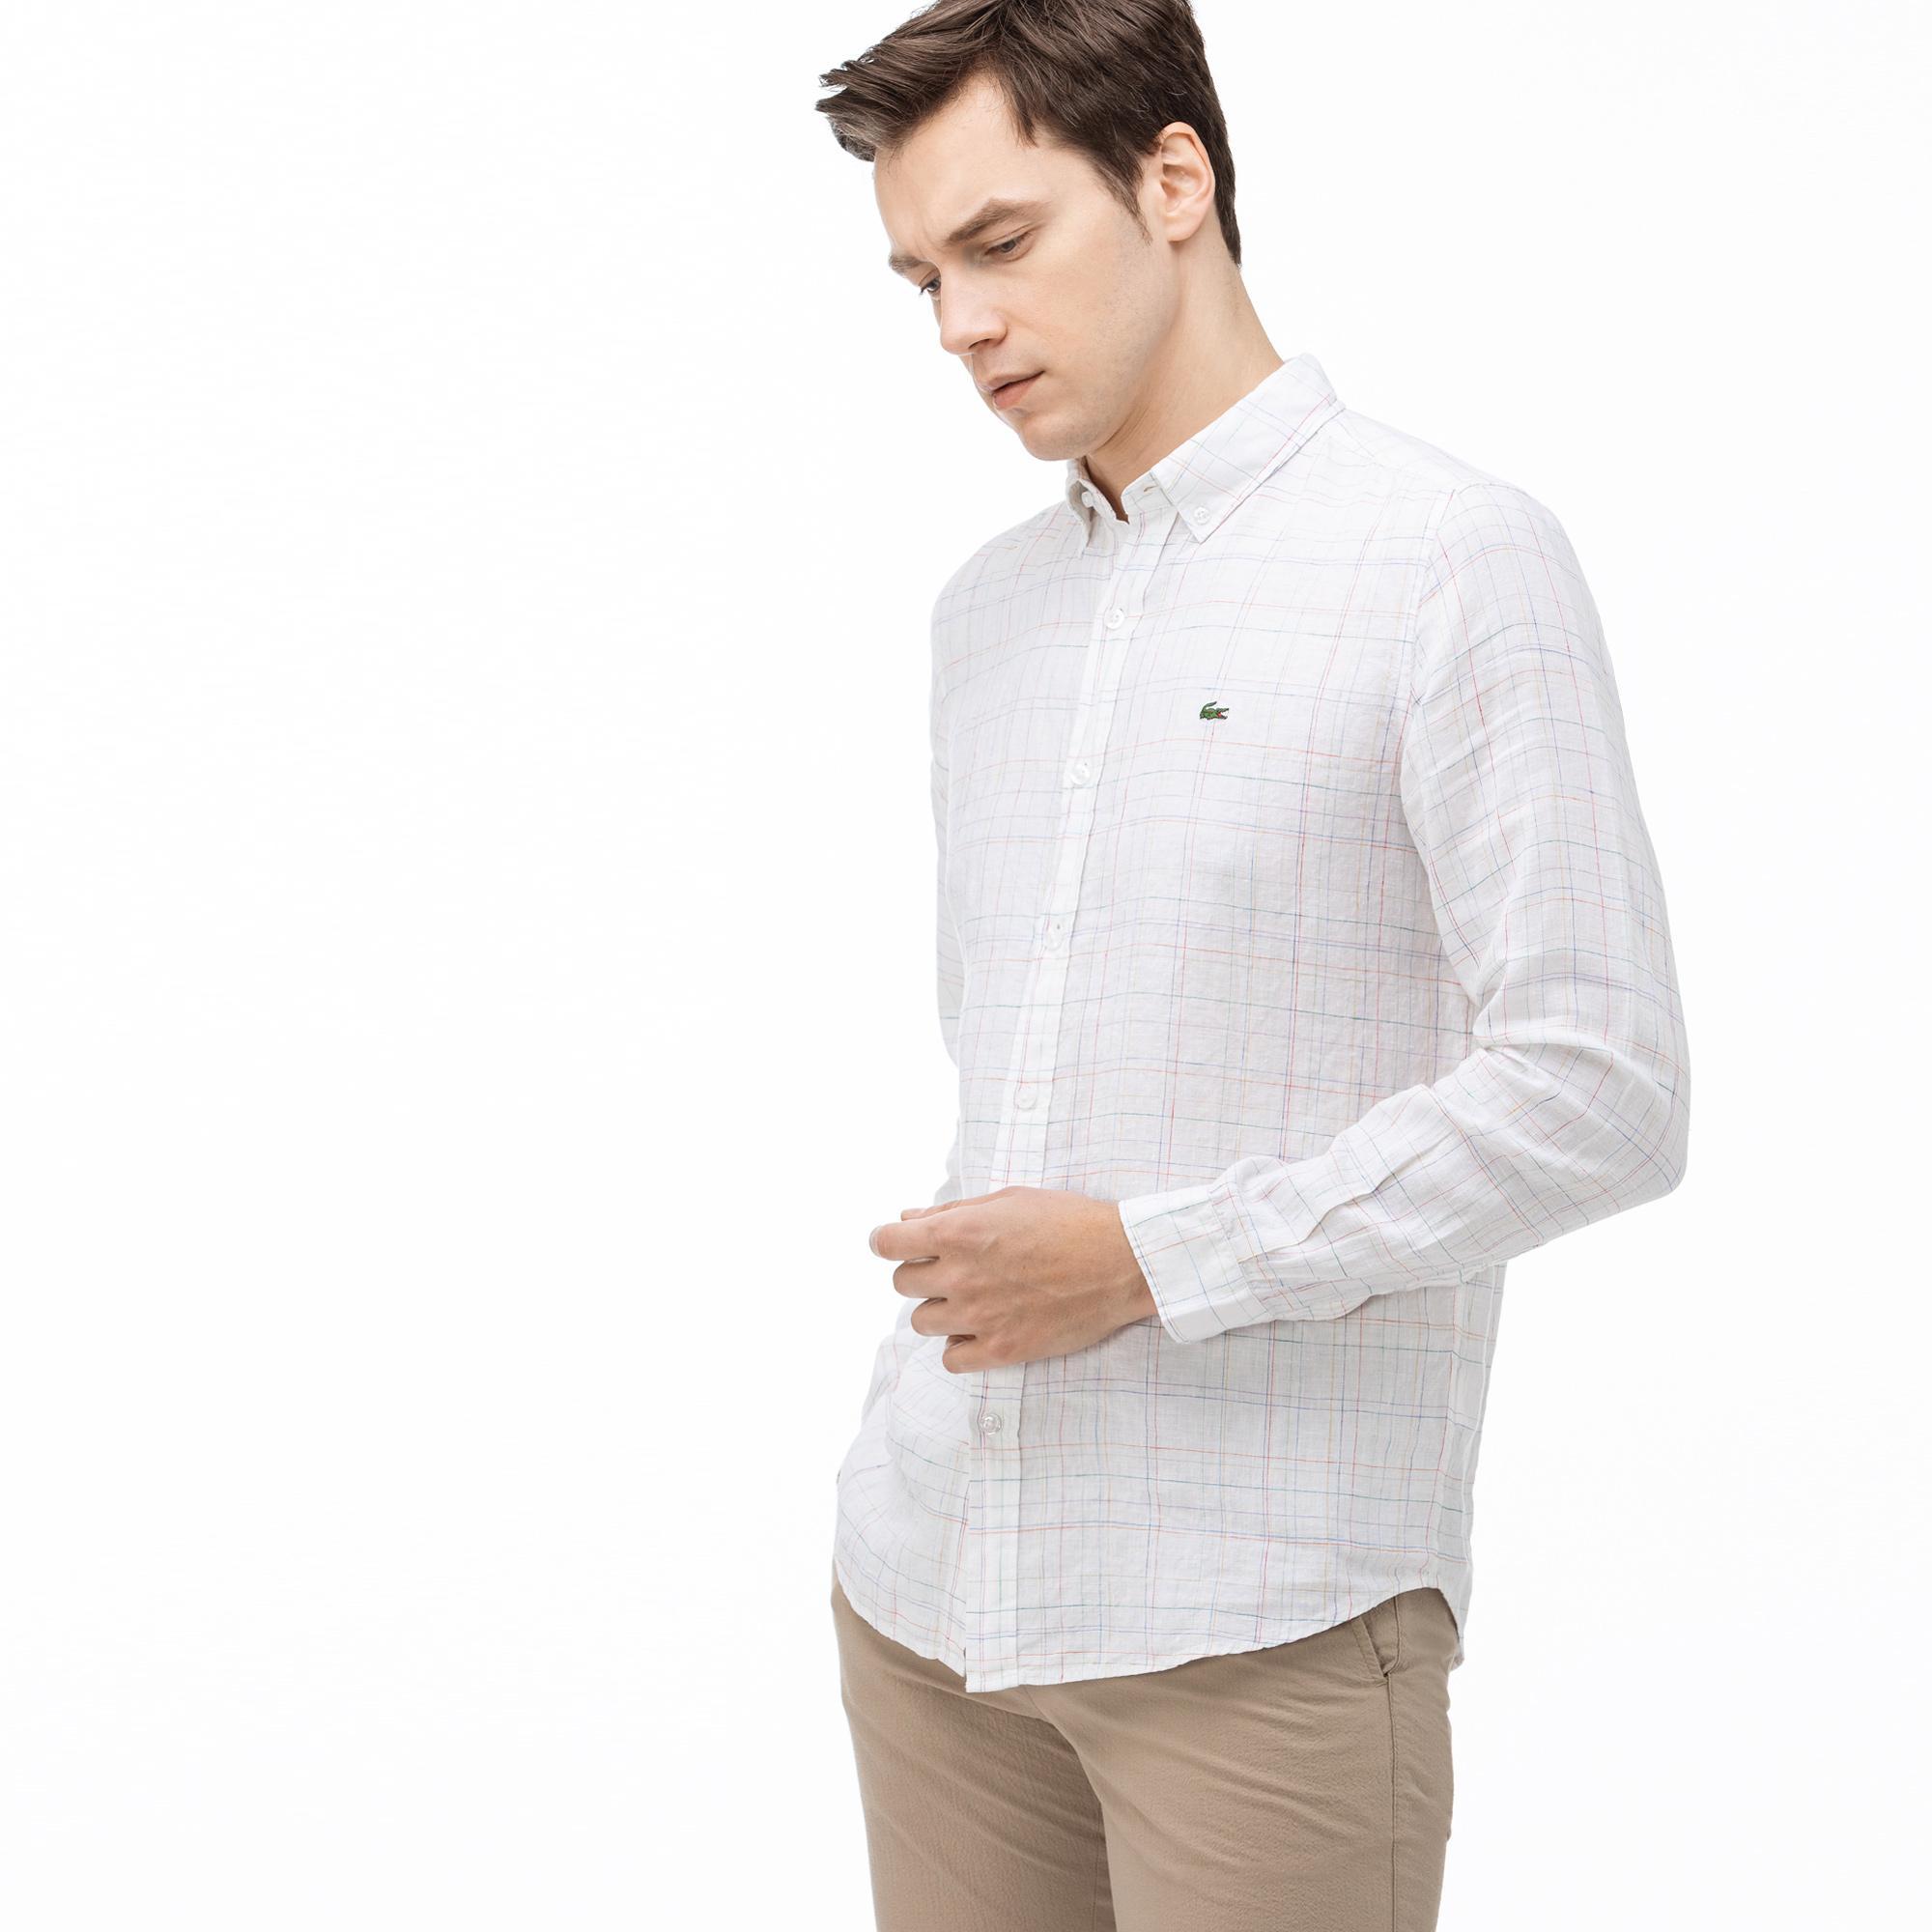 Lacoste Erkek Slim Fit Ekose Desenli Beyaz Keten Gömlek